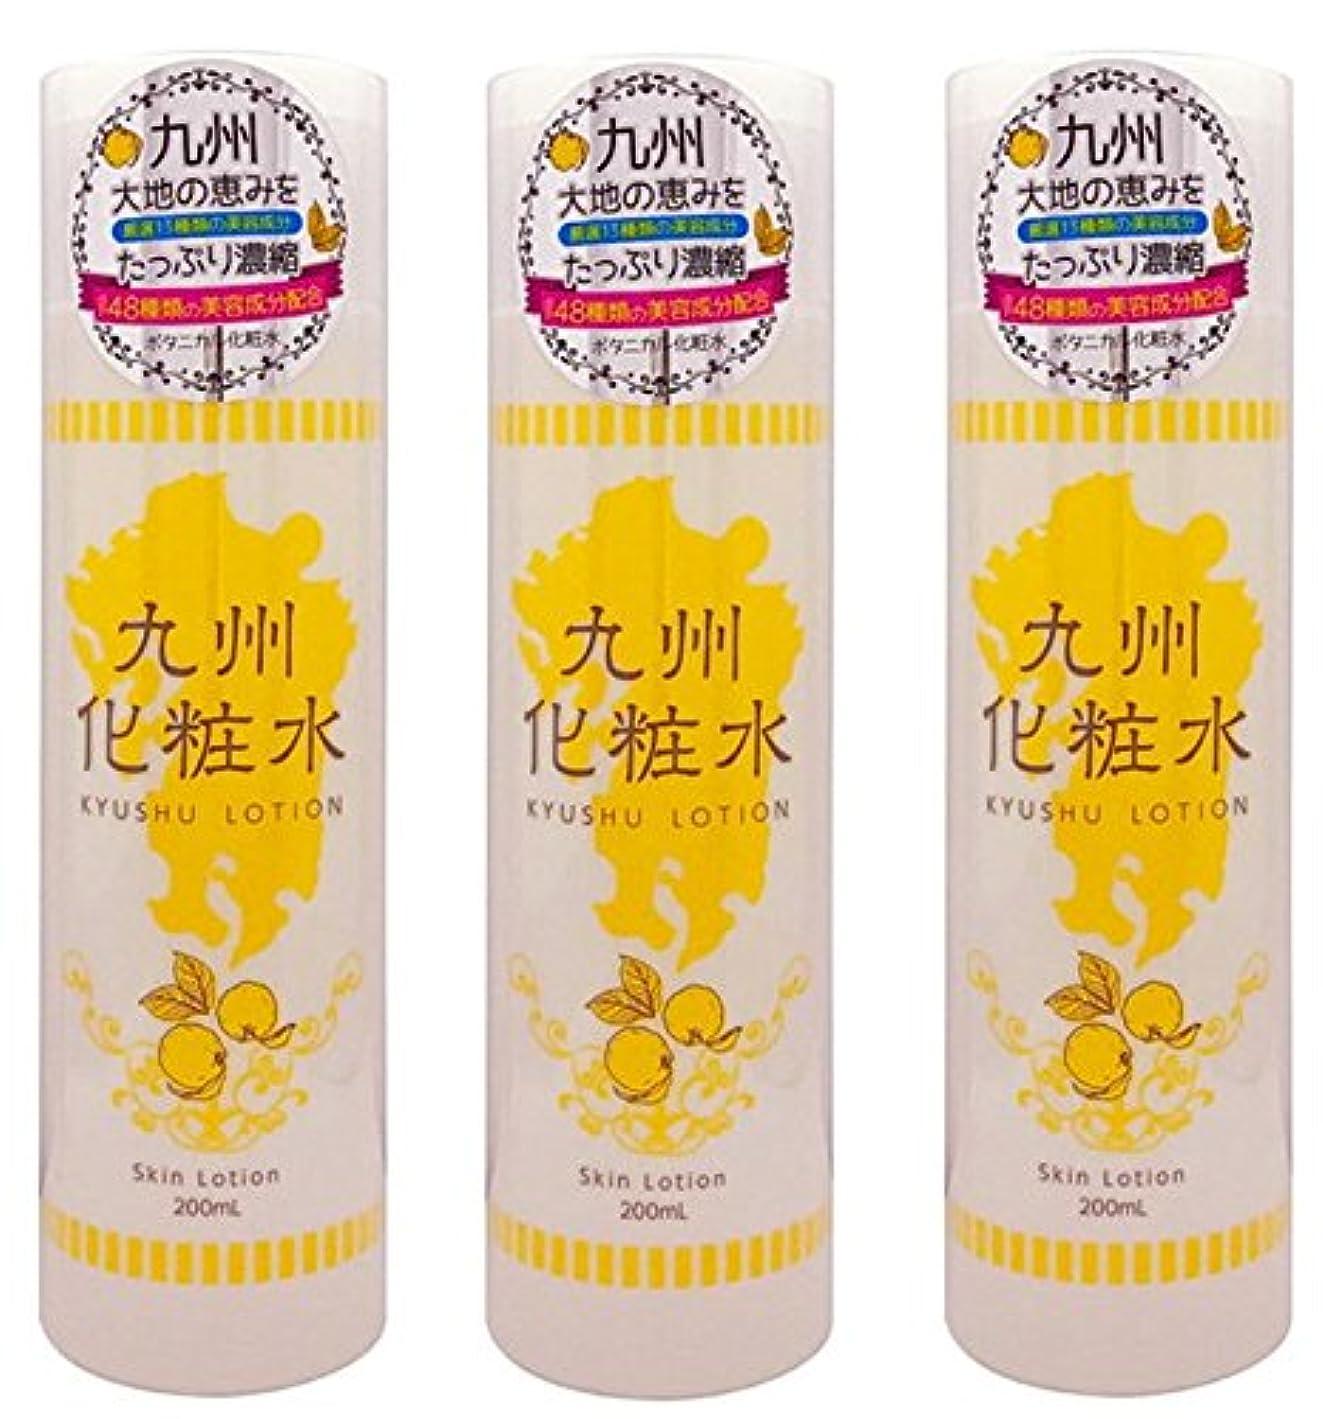 雑種頬骨晩ごはん九州化粧水 200ml (ボタニカル化粧水) X 3本セット